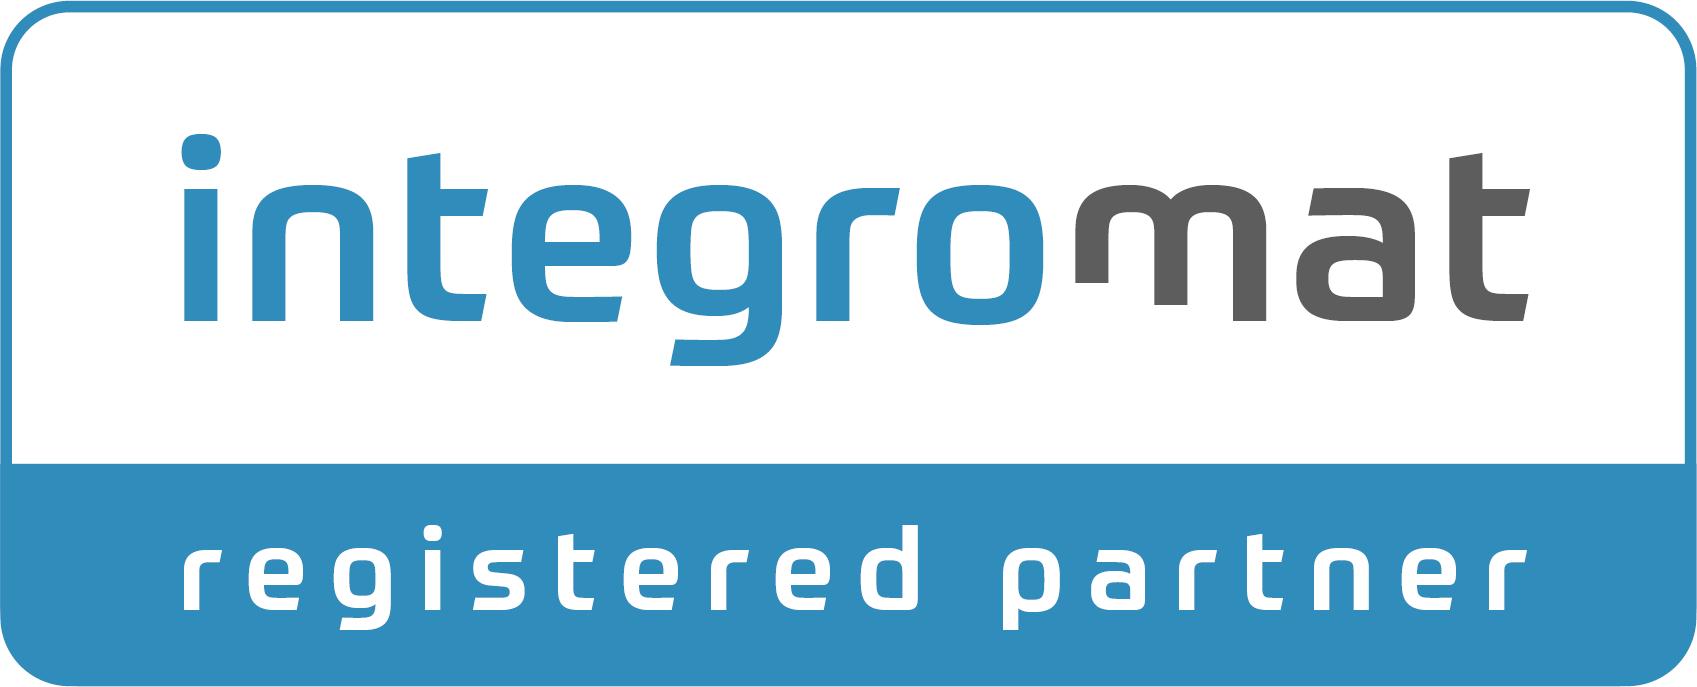 integromat registered partner